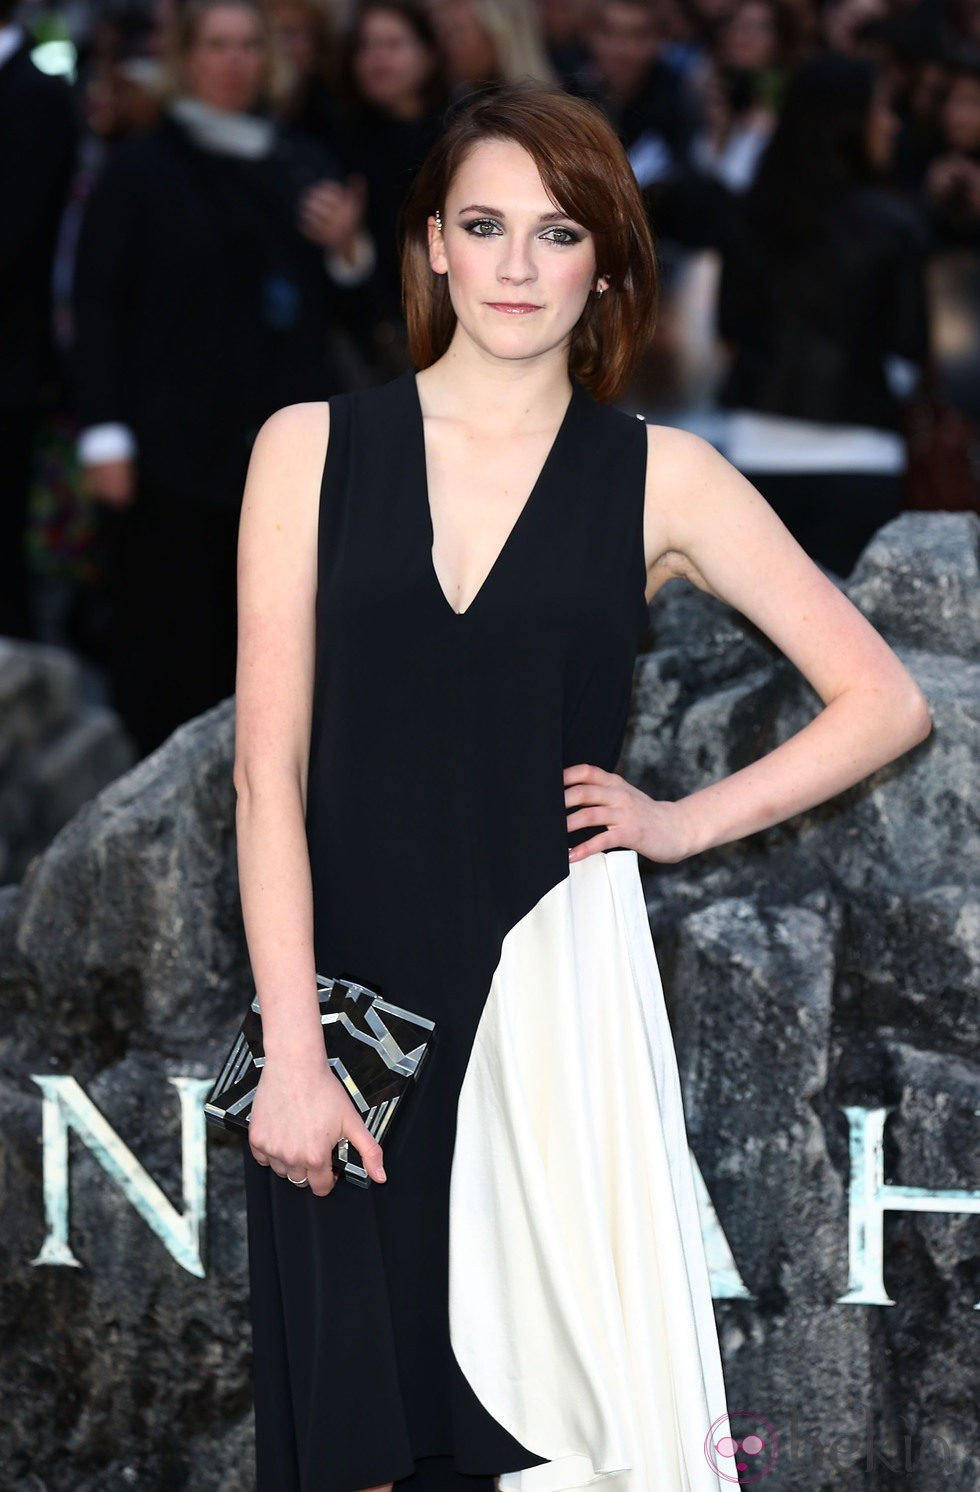 Charlotte Ritchie en el estreno de 'Noé' en Londres